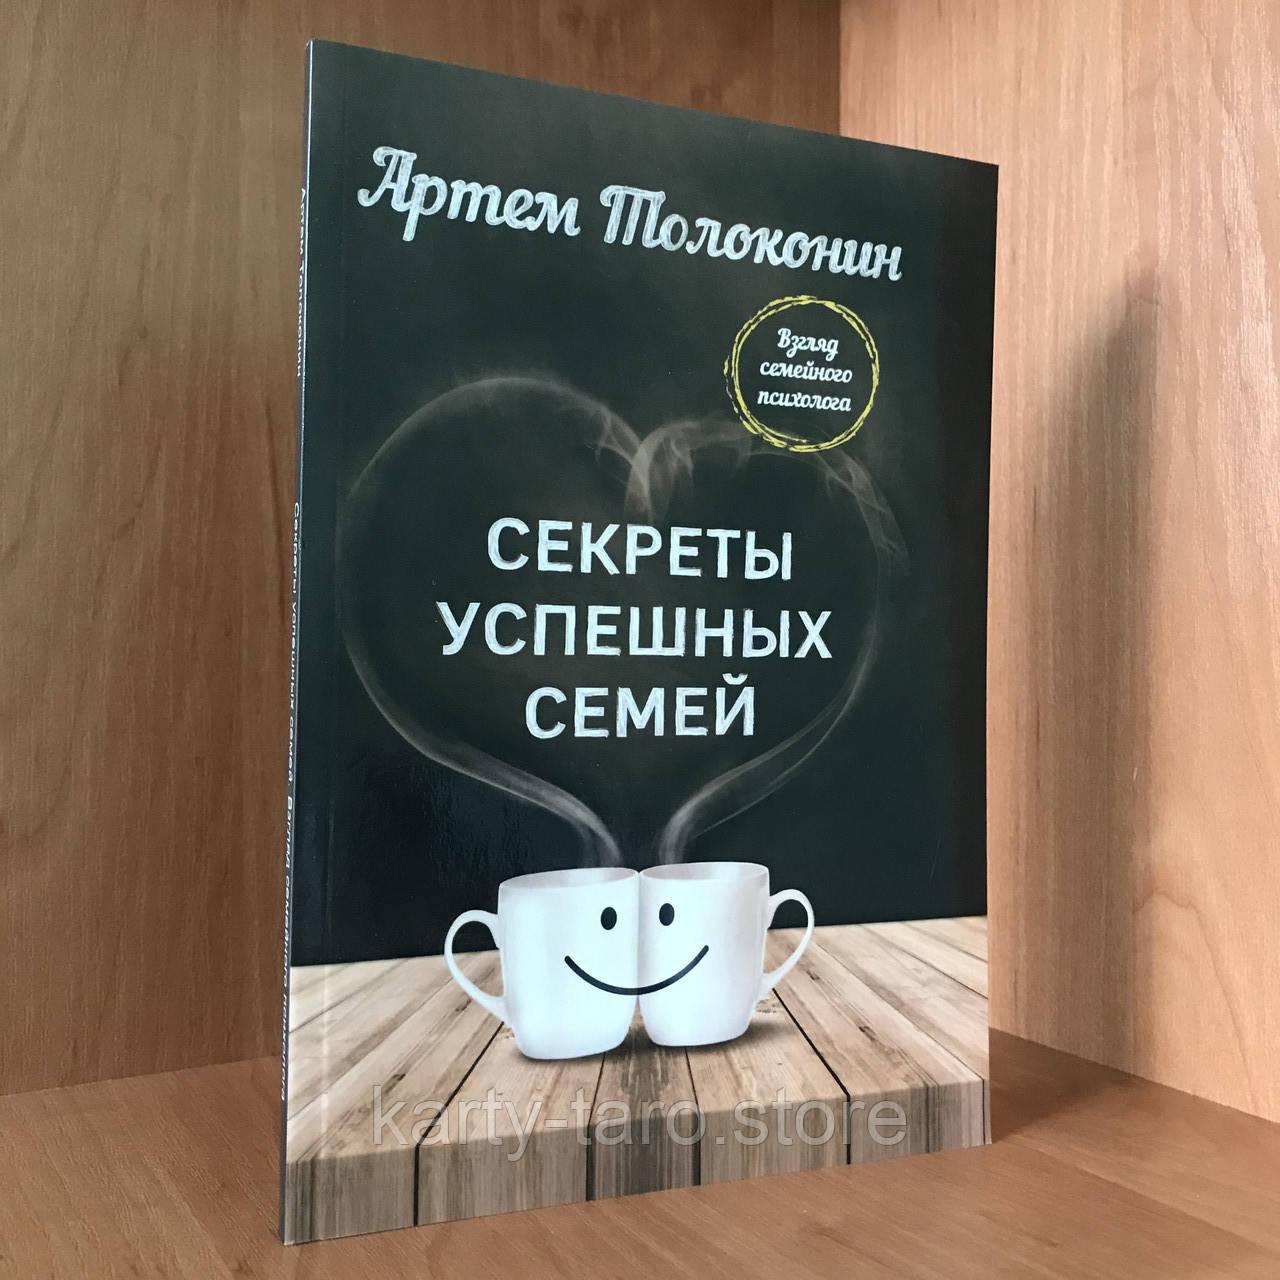 Книга Секрети успішних родин. Погляд сімейного психолога - Артем Толоконин